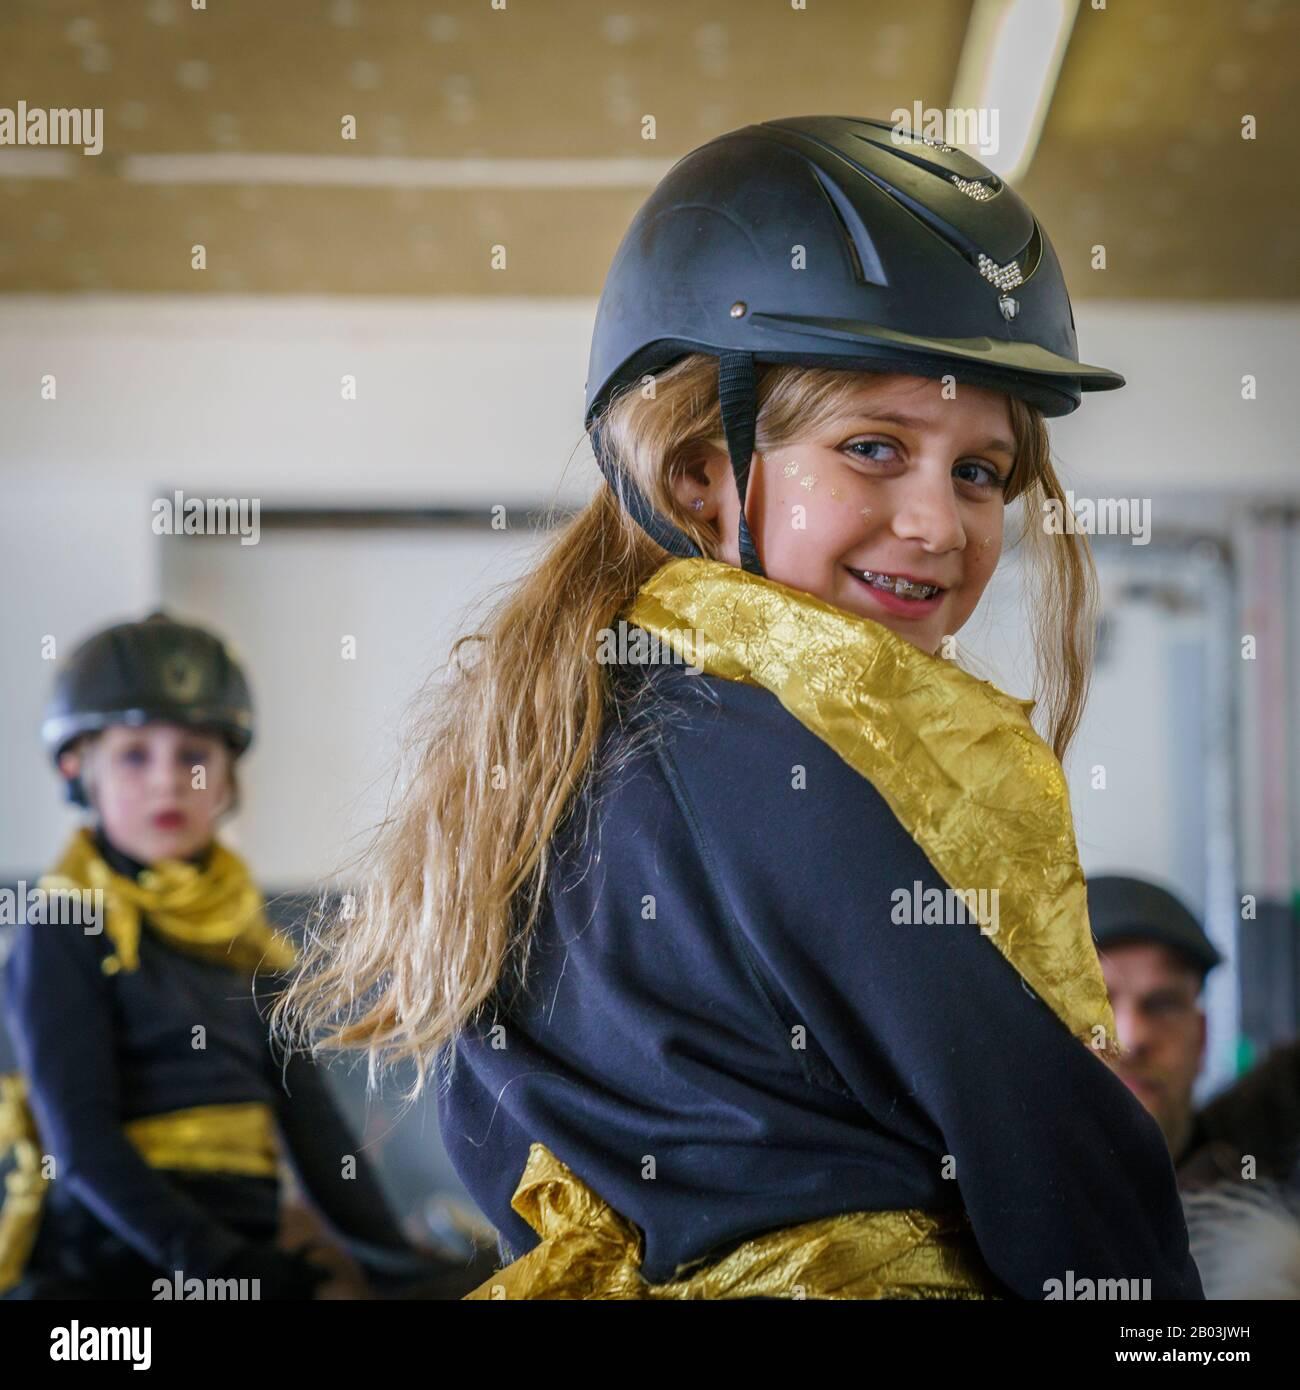 Fille à cheval portant un casque, Reykjavik, Islande Banque D'Images